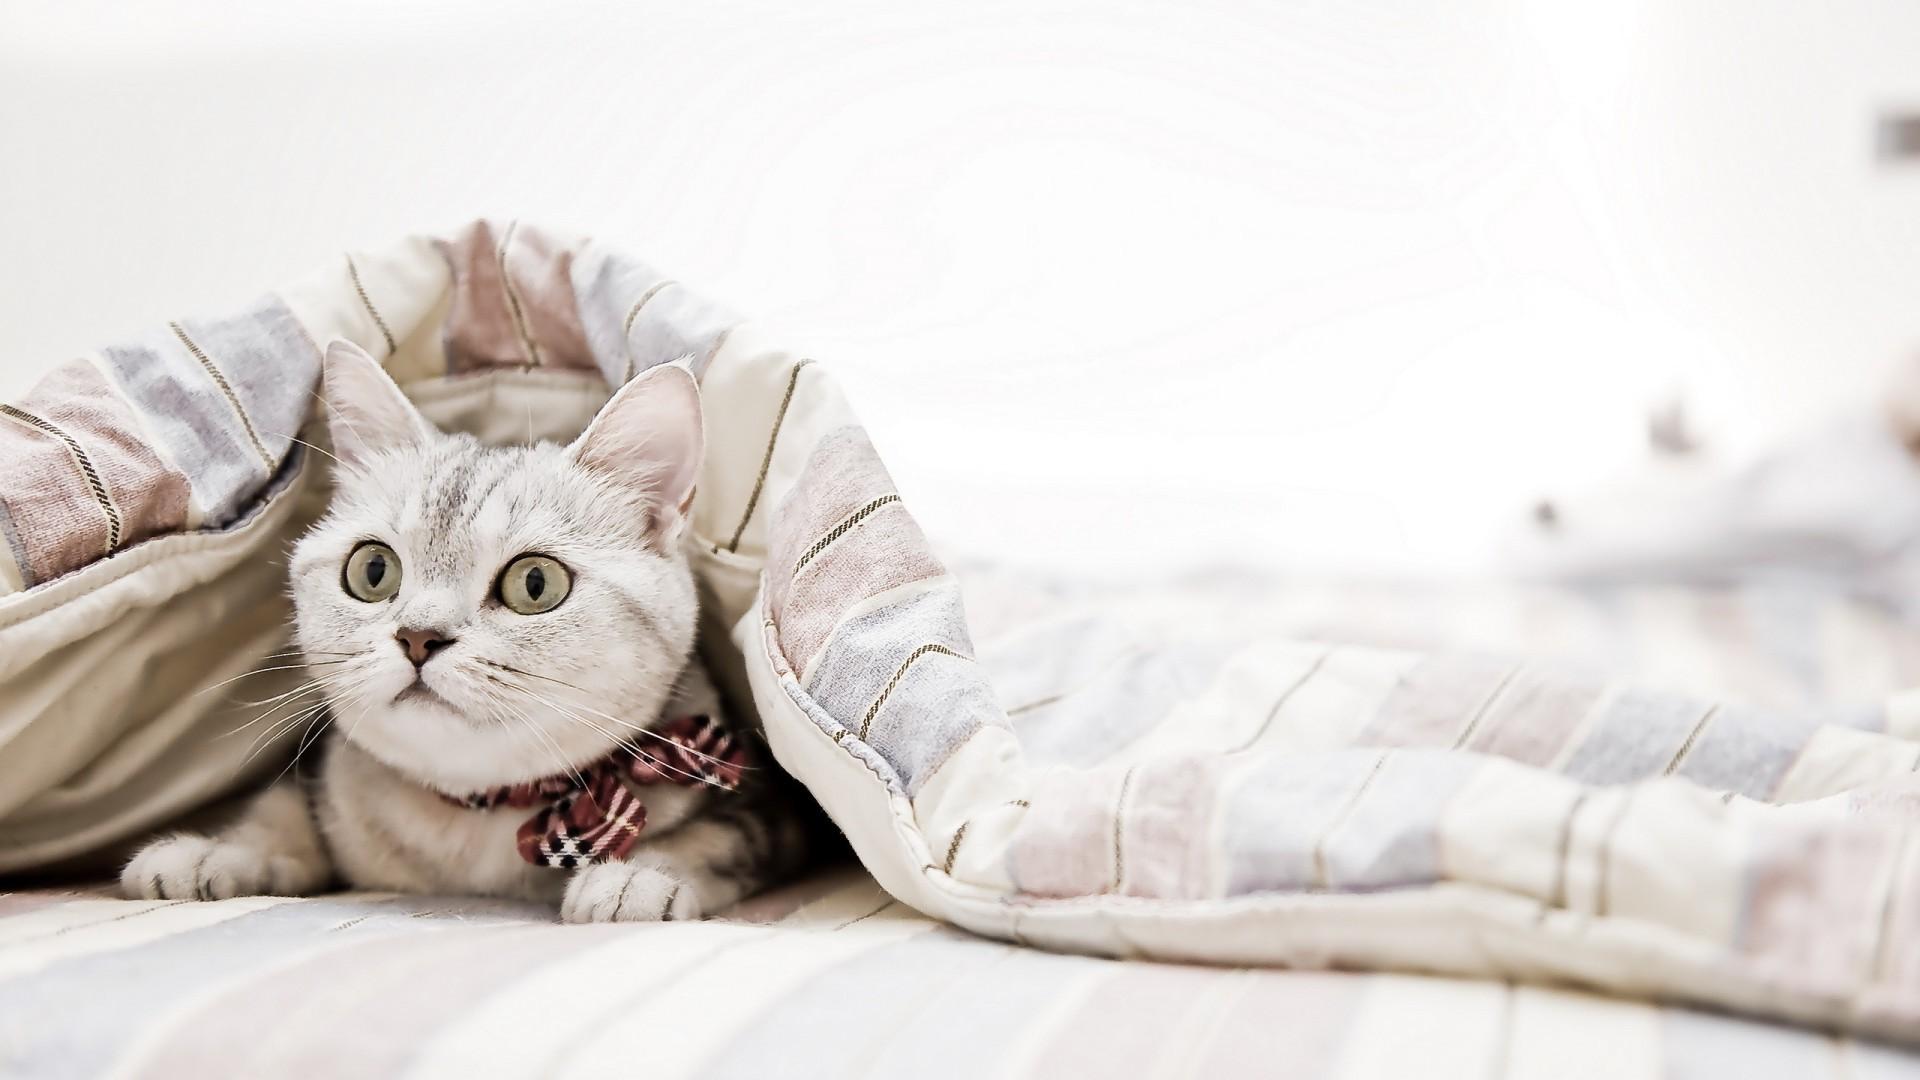 Hintergrundbilder 1920x1080 Px Tiere Schlafzimmer Decken